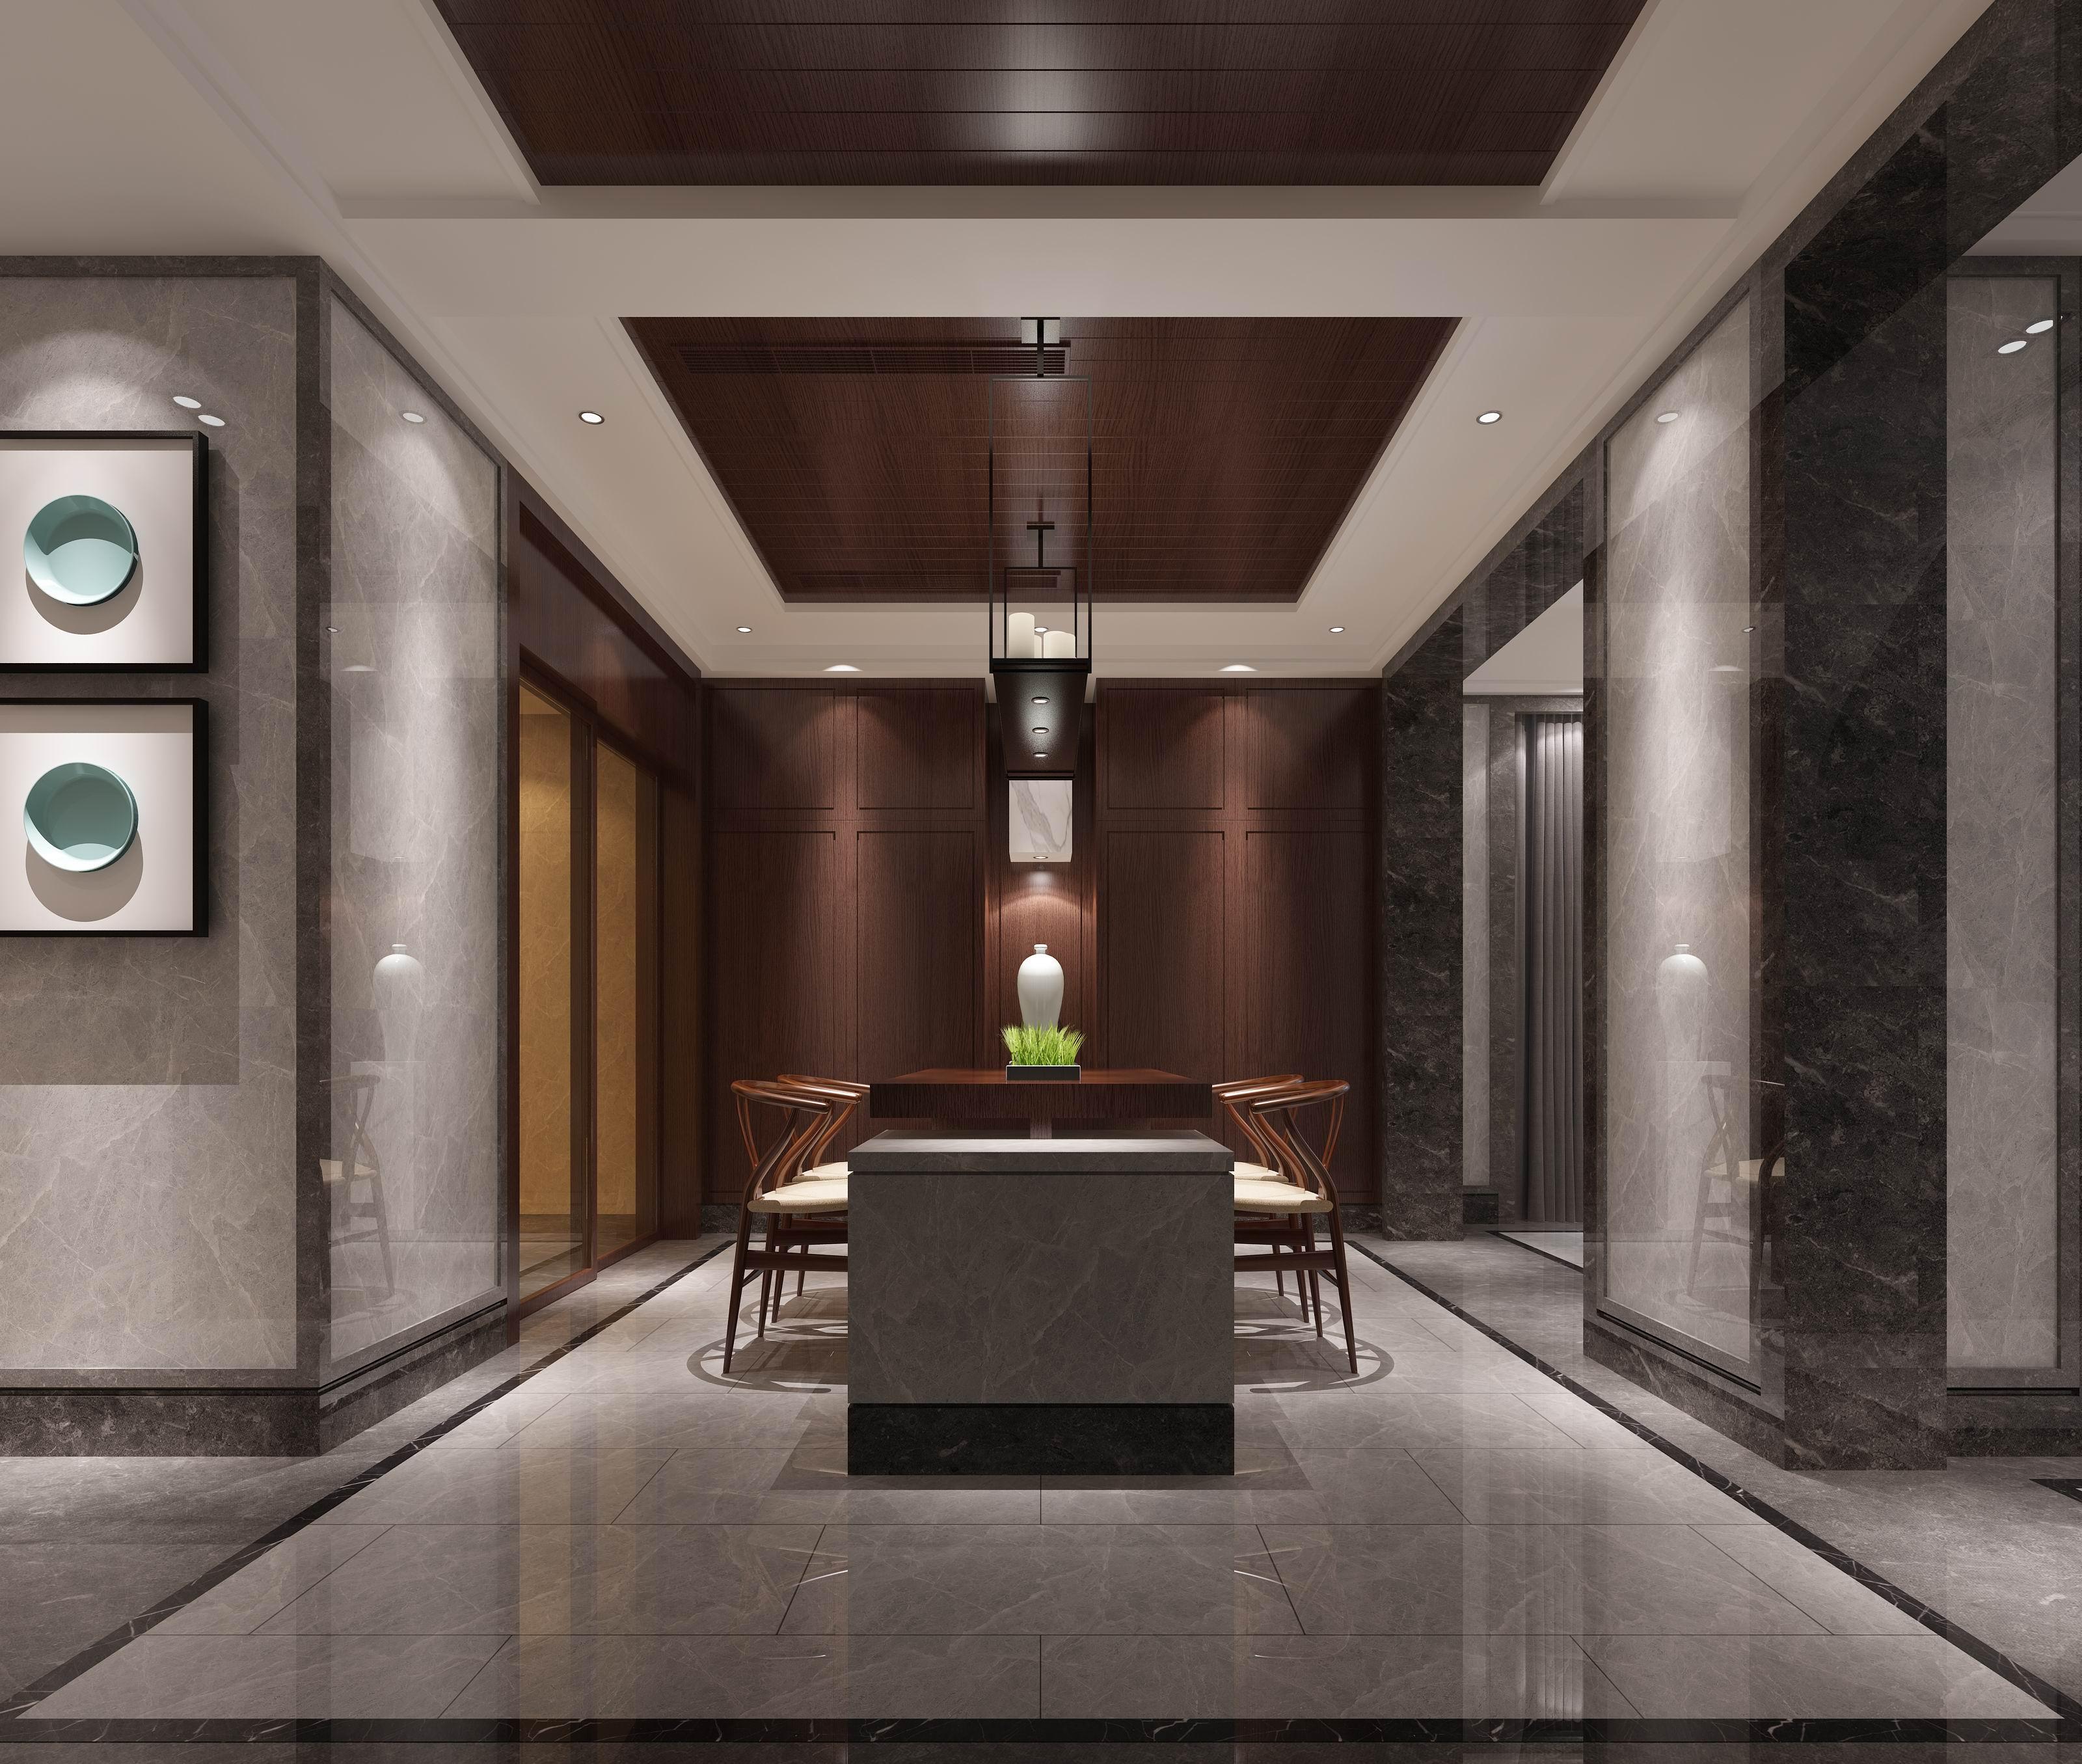 别墅 设计 装修 案例 新中式 西厨图片来自无锡别墅设计s在沁春园450㎡新中新别墅案例的分享